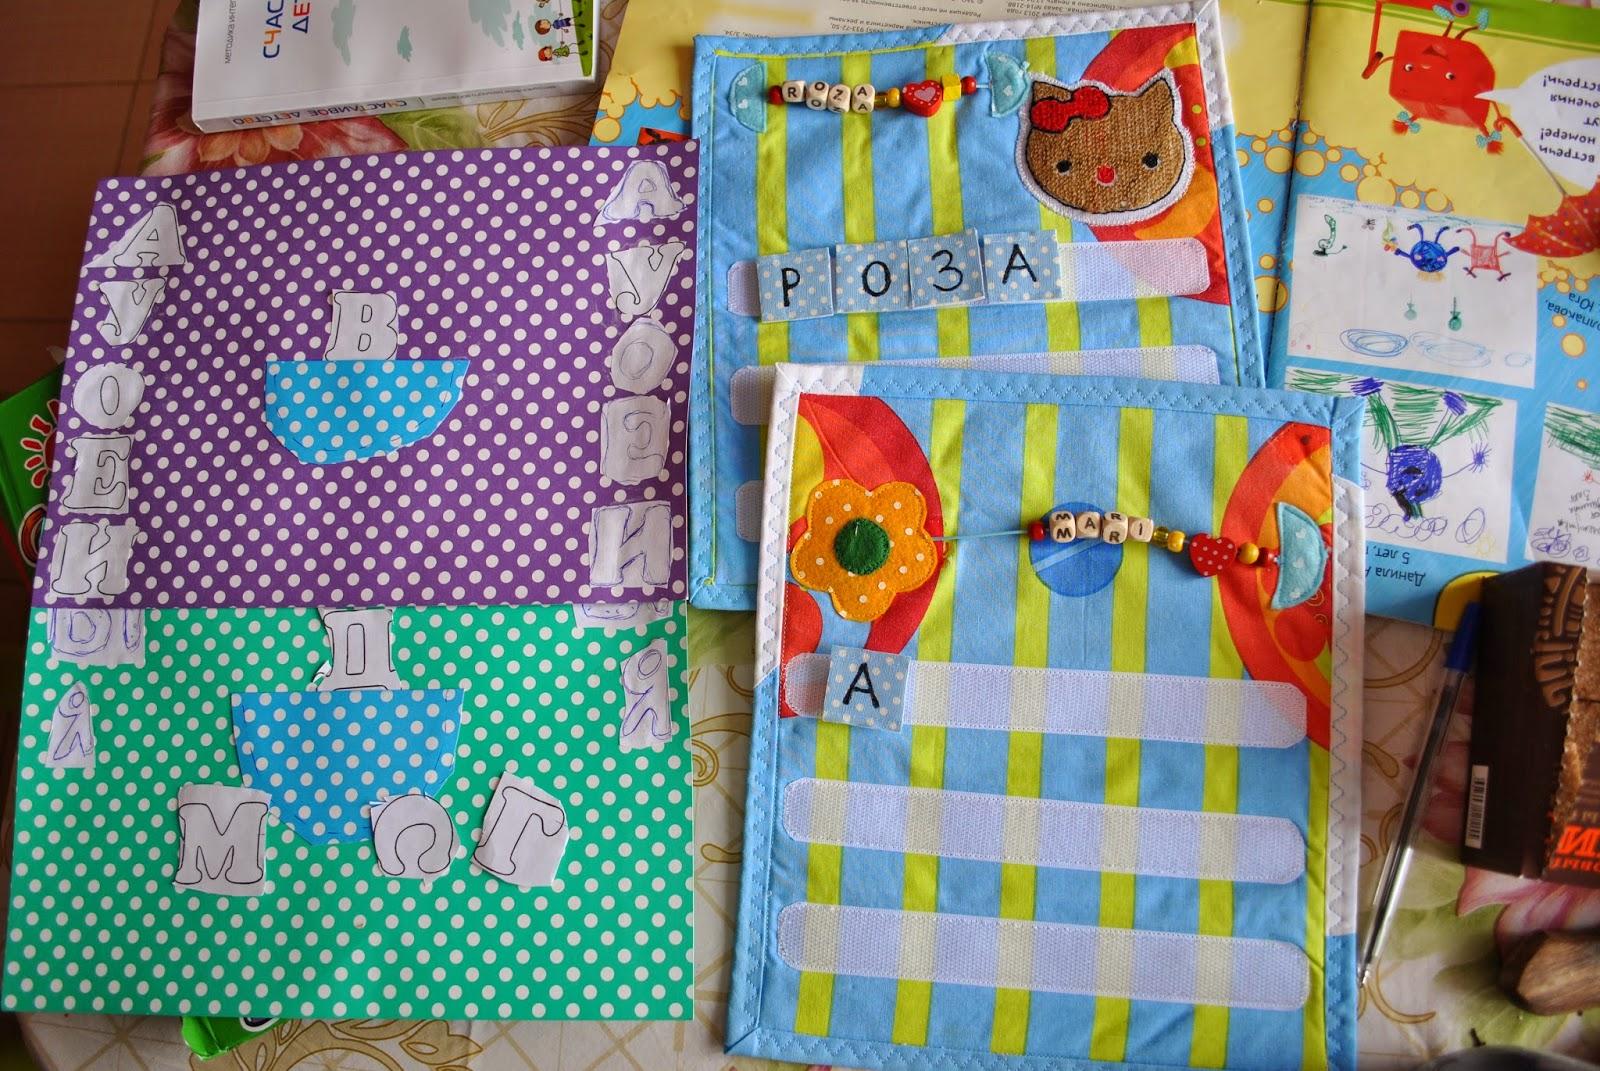 развивайка, читаем с ребенком, занятия с детьми, книжка развивающая, развивающая книга, книга, планшет,our morning, for kids, baby, sewing,craft,color,handmade